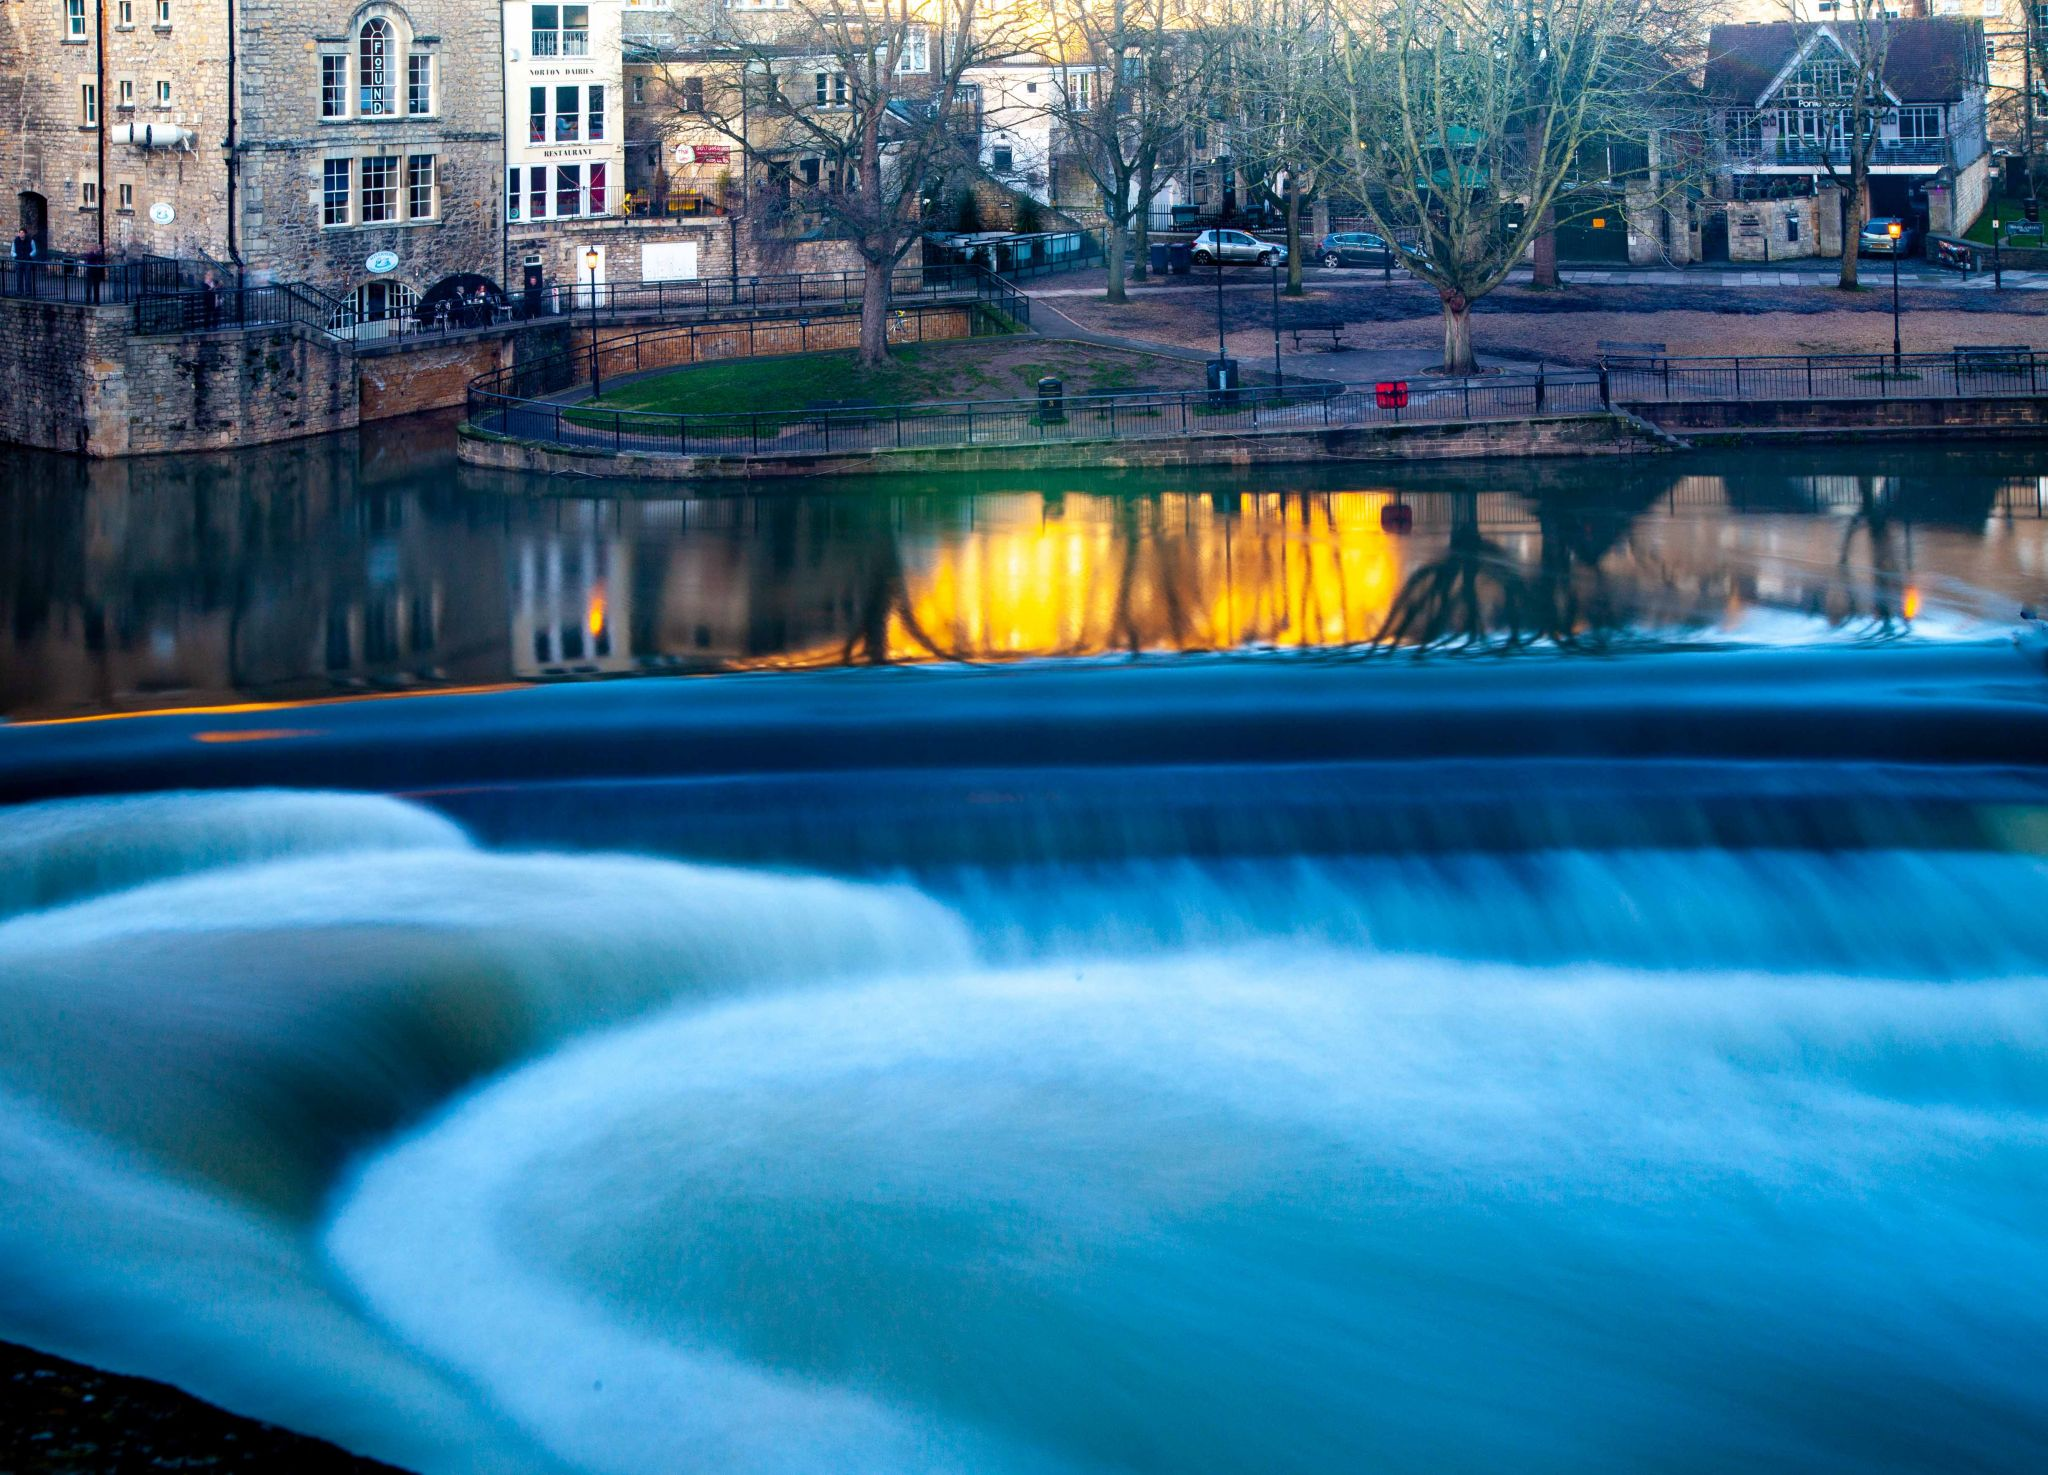 Weir & Avon River Bath, United Kingdom